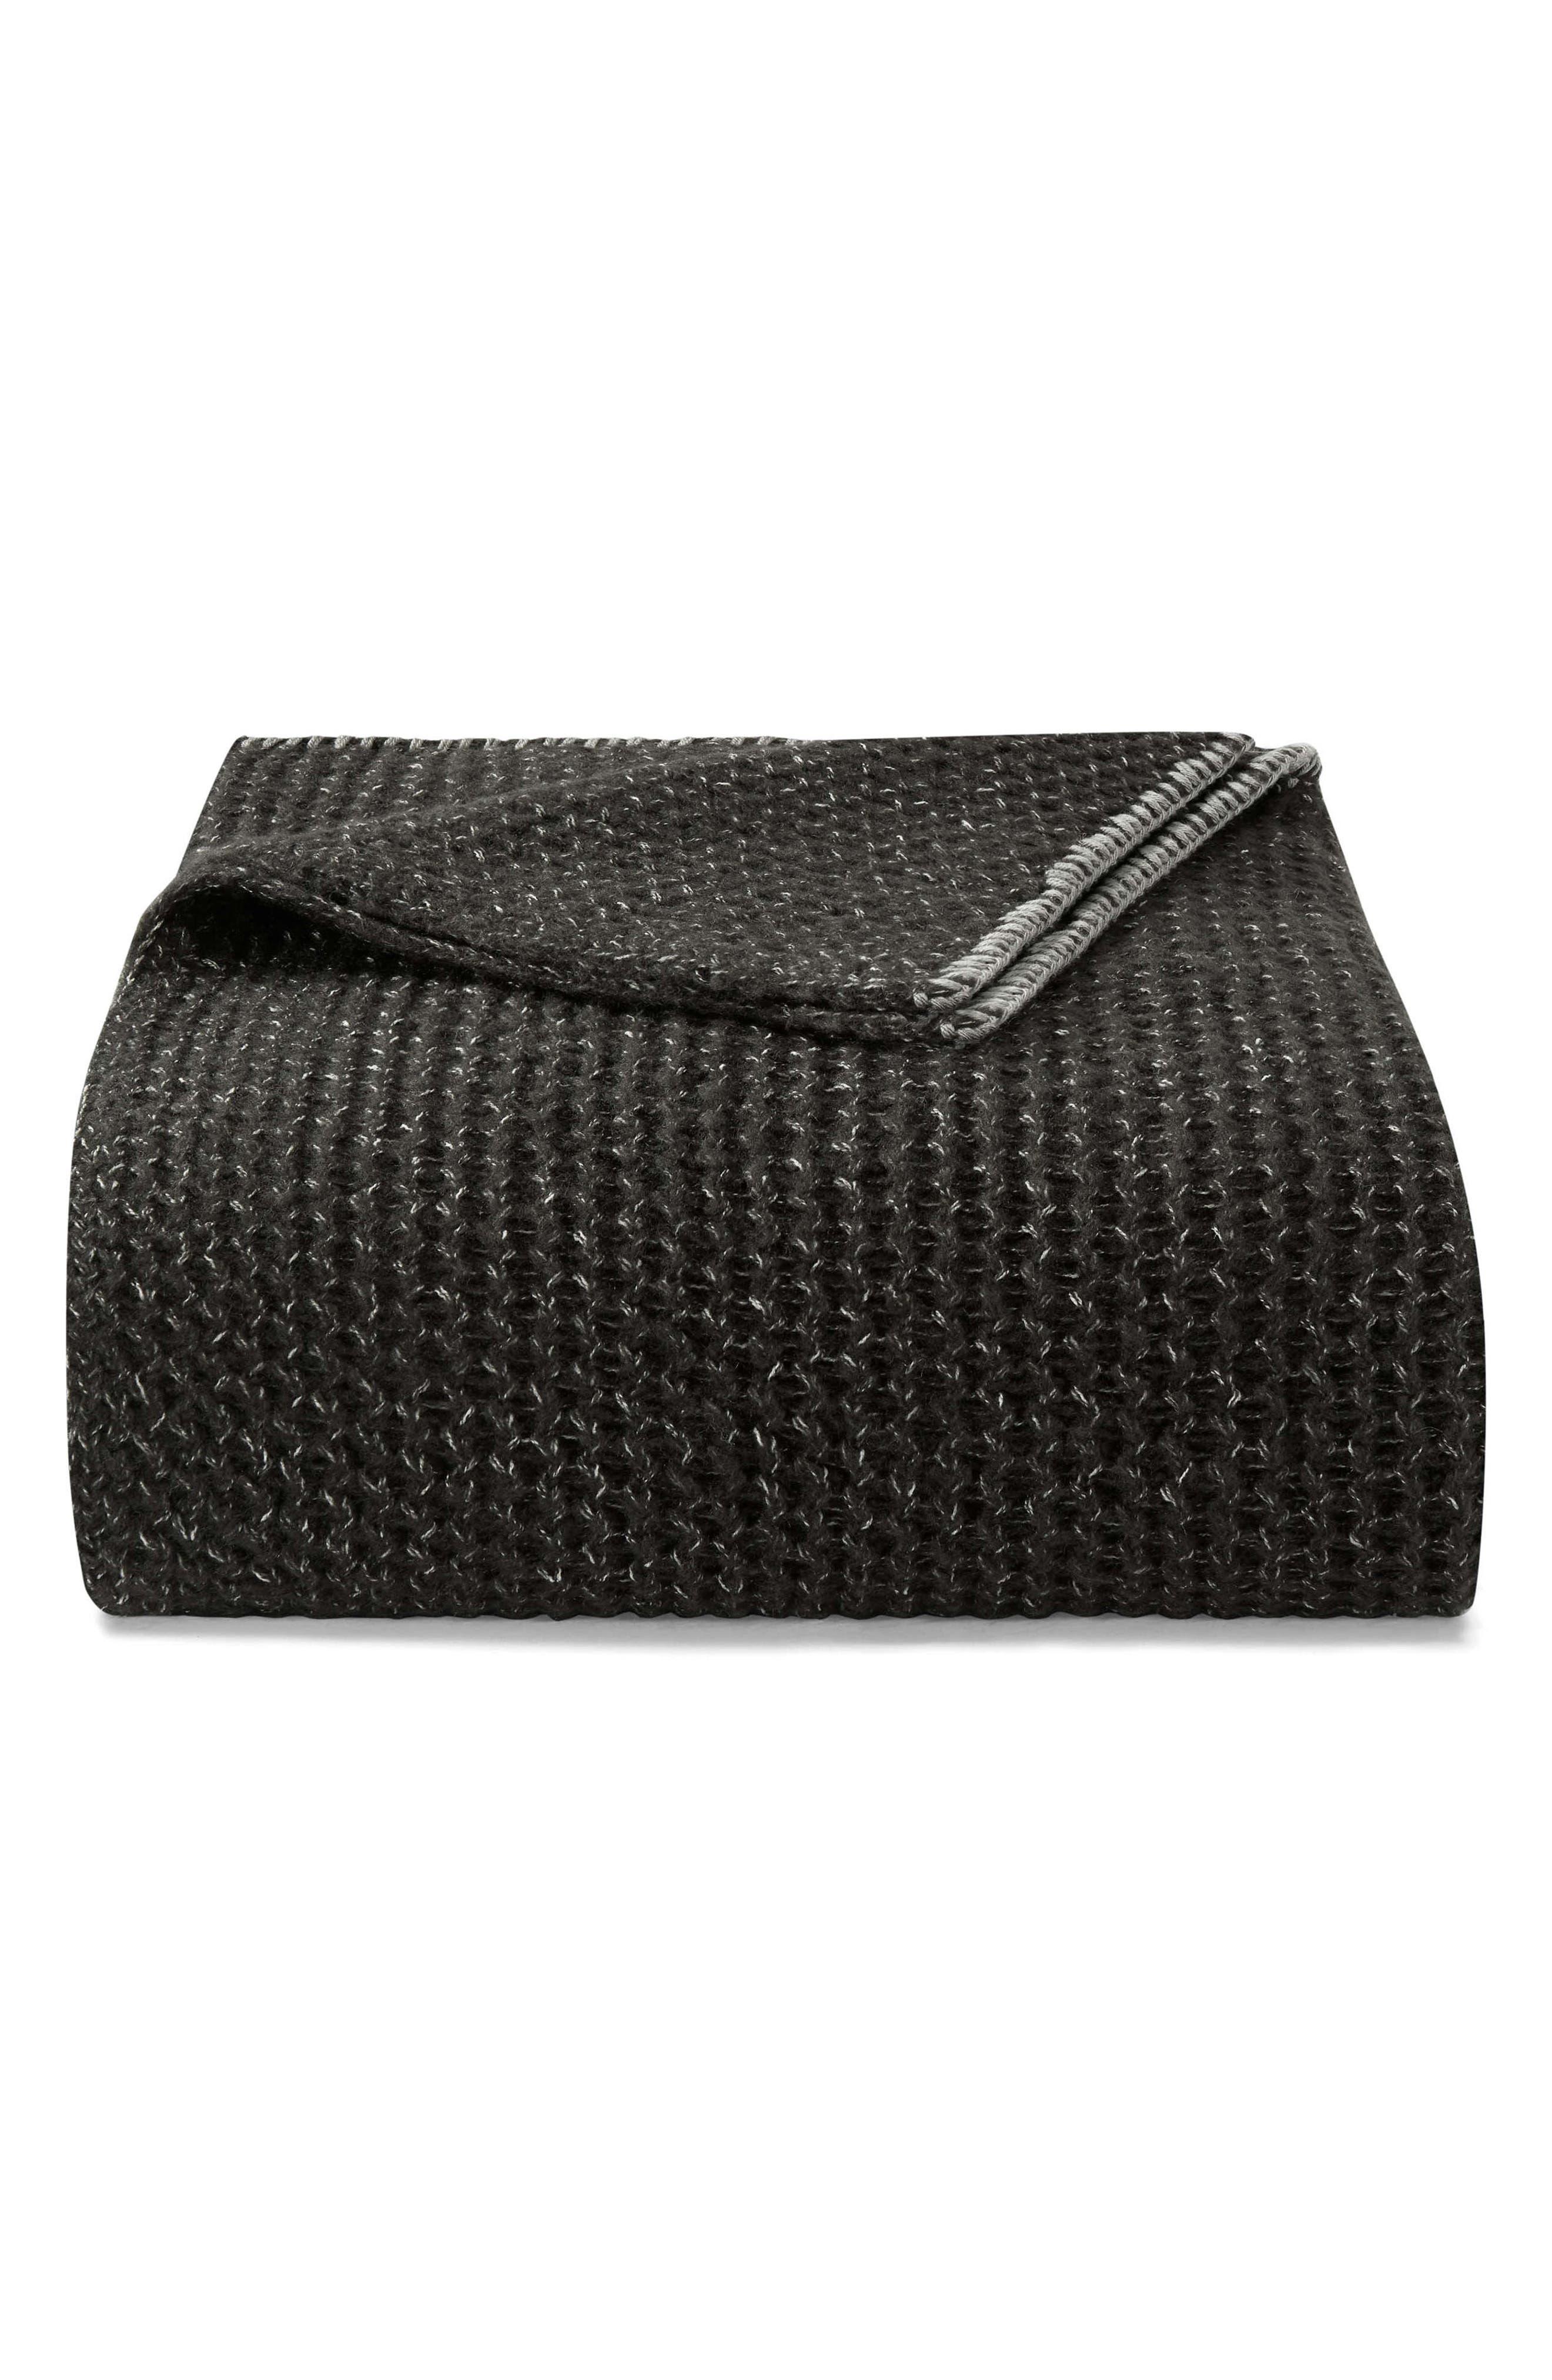 VERA WANG, Marled Knit Throw Blanket, Main thumbnail 1, color, SOOT